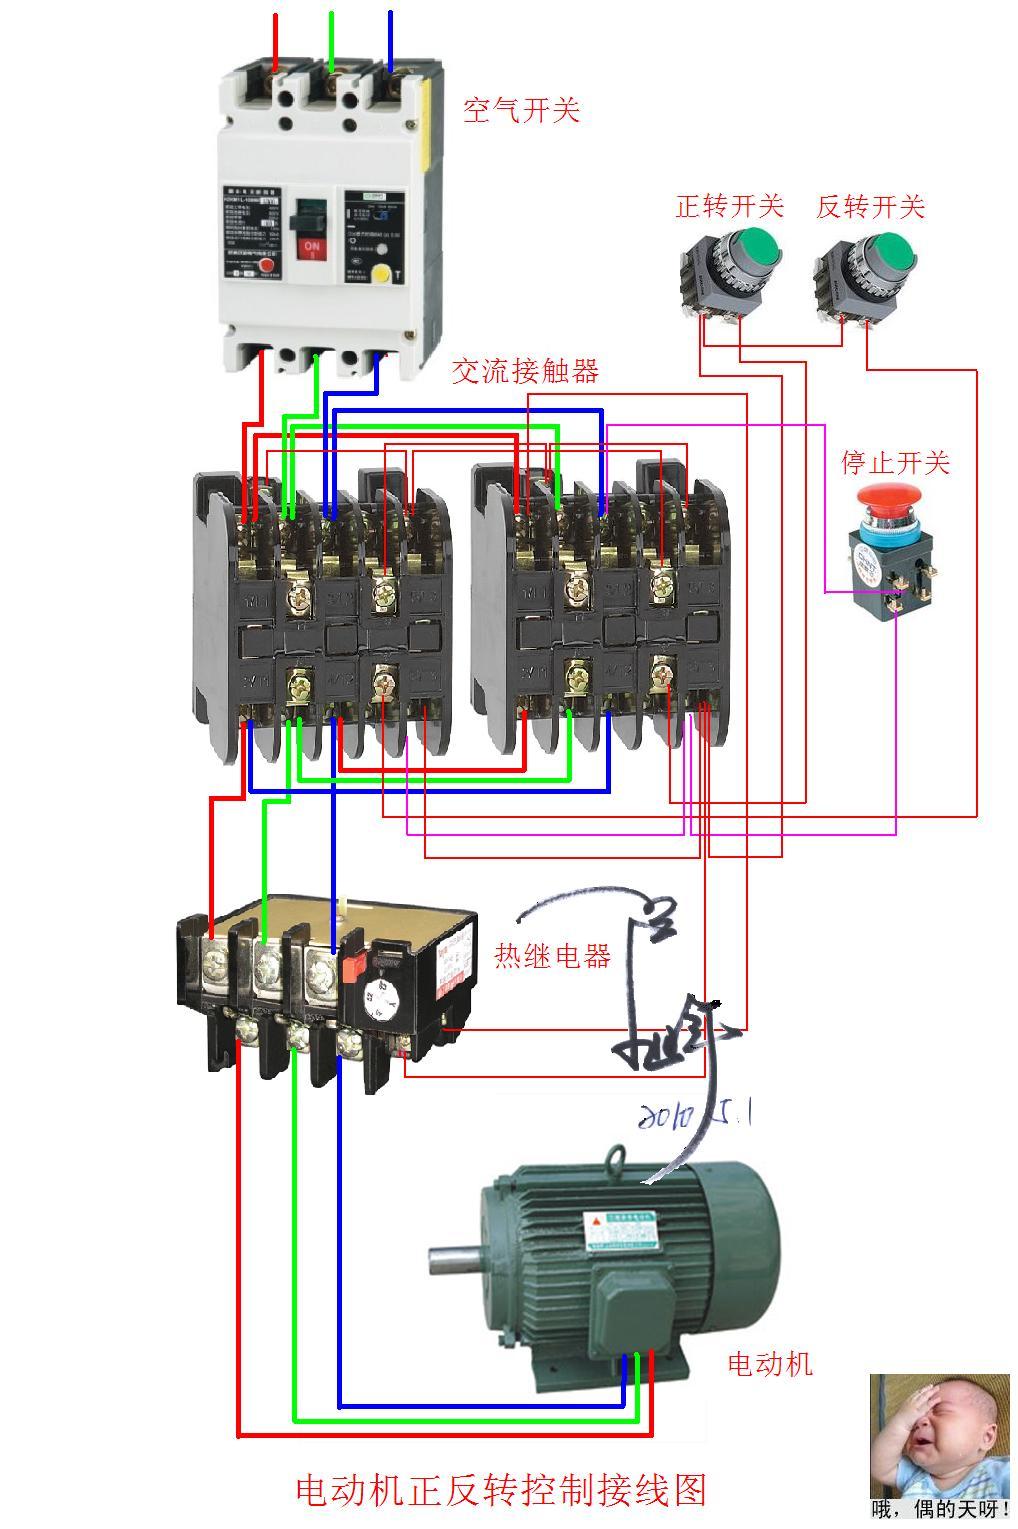 电动机正反转接线图问题,此图是接触器联锁还是按钮联锁